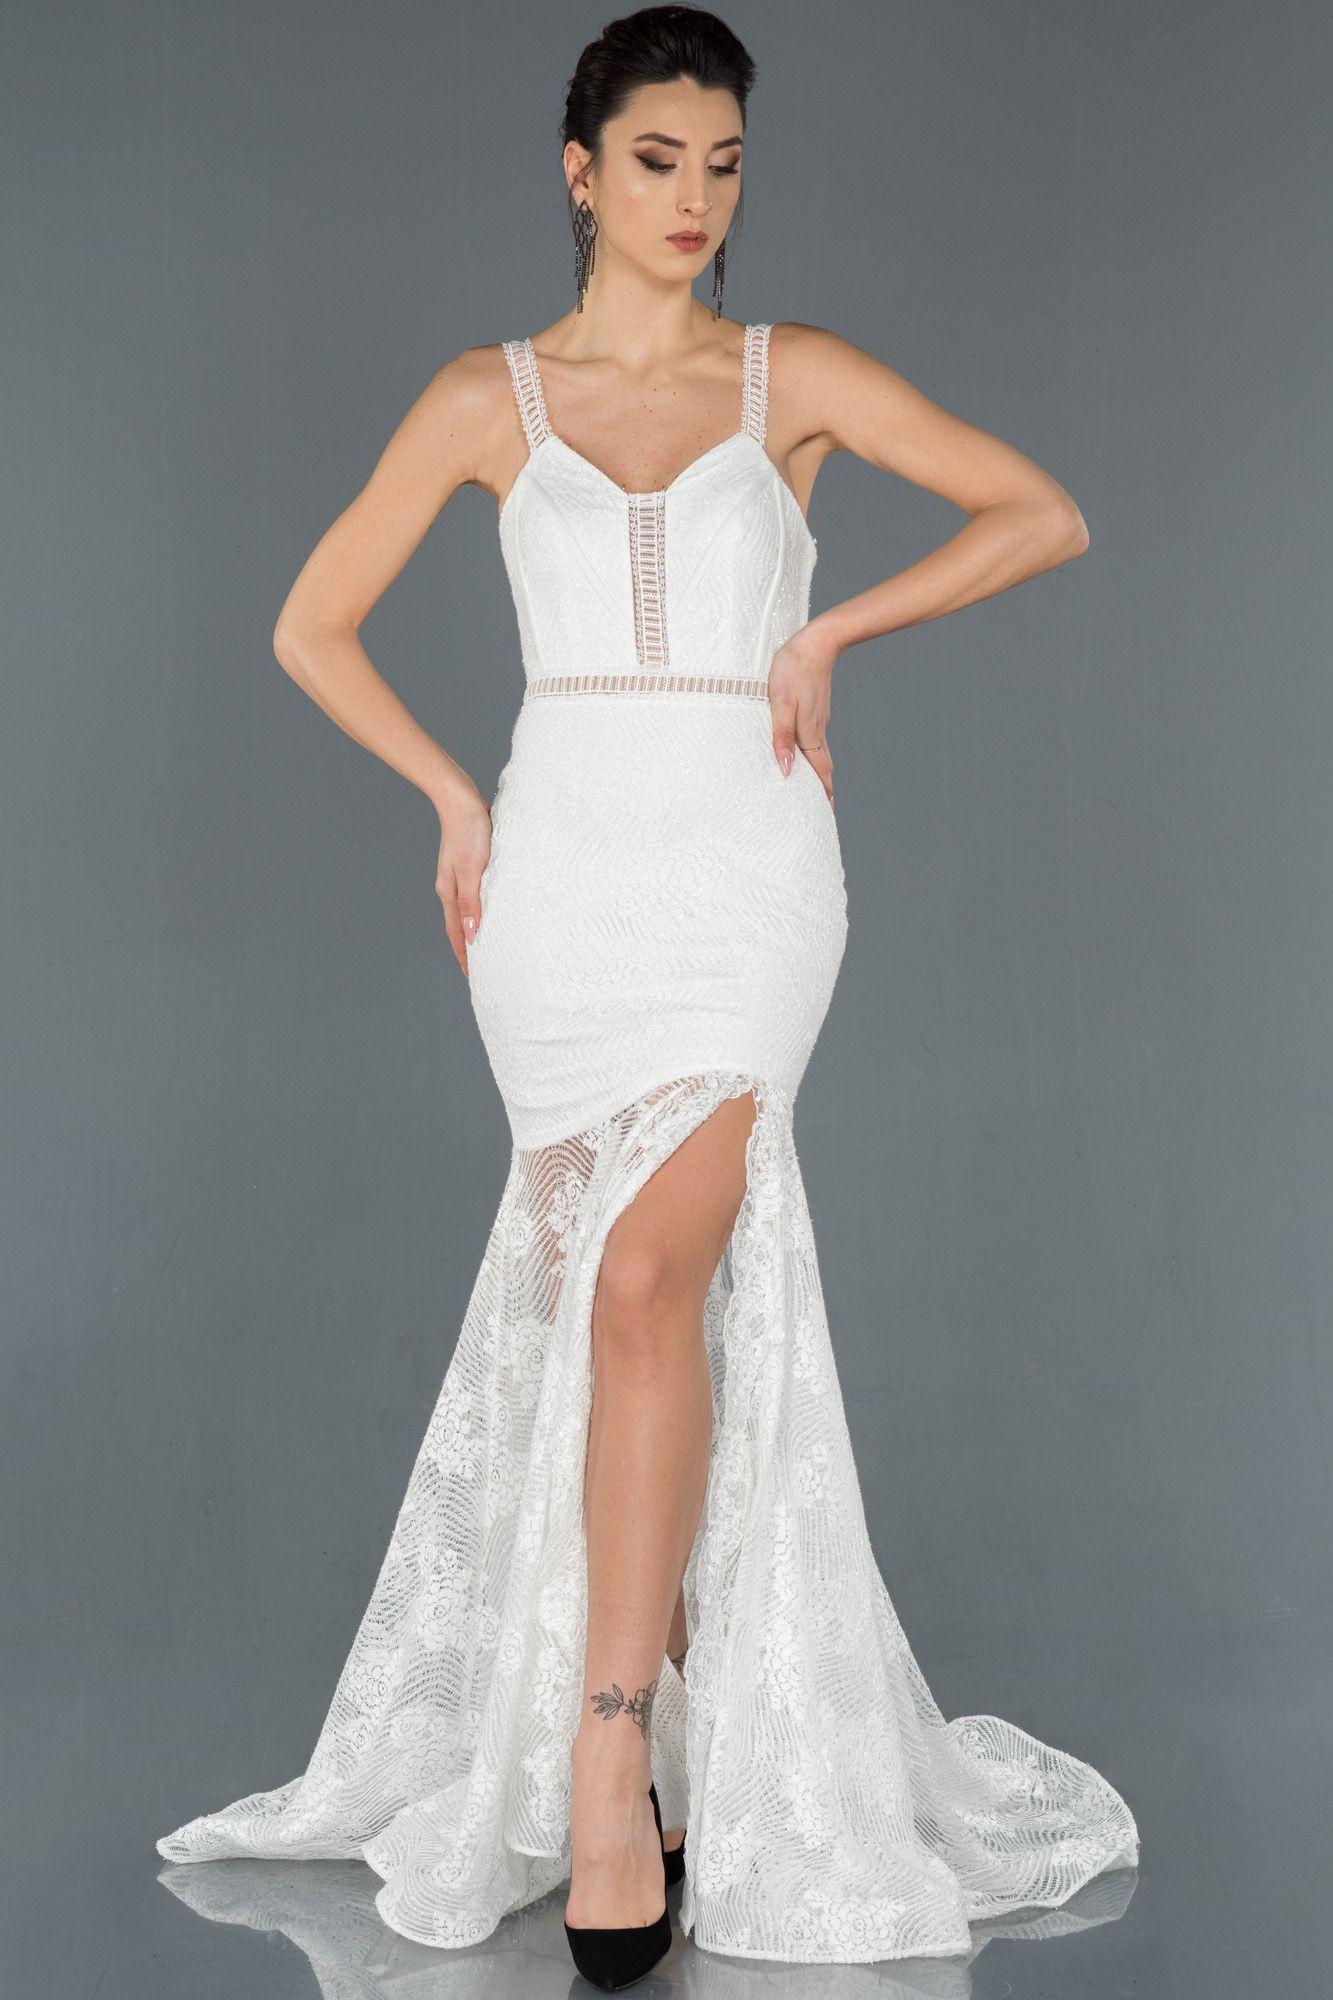 Ekru Bacak Dekolteli Kuyruk Detayli Gupurlu Balik Abiye Abu1174 2020 The Dress Elbise Modelleri Elbise